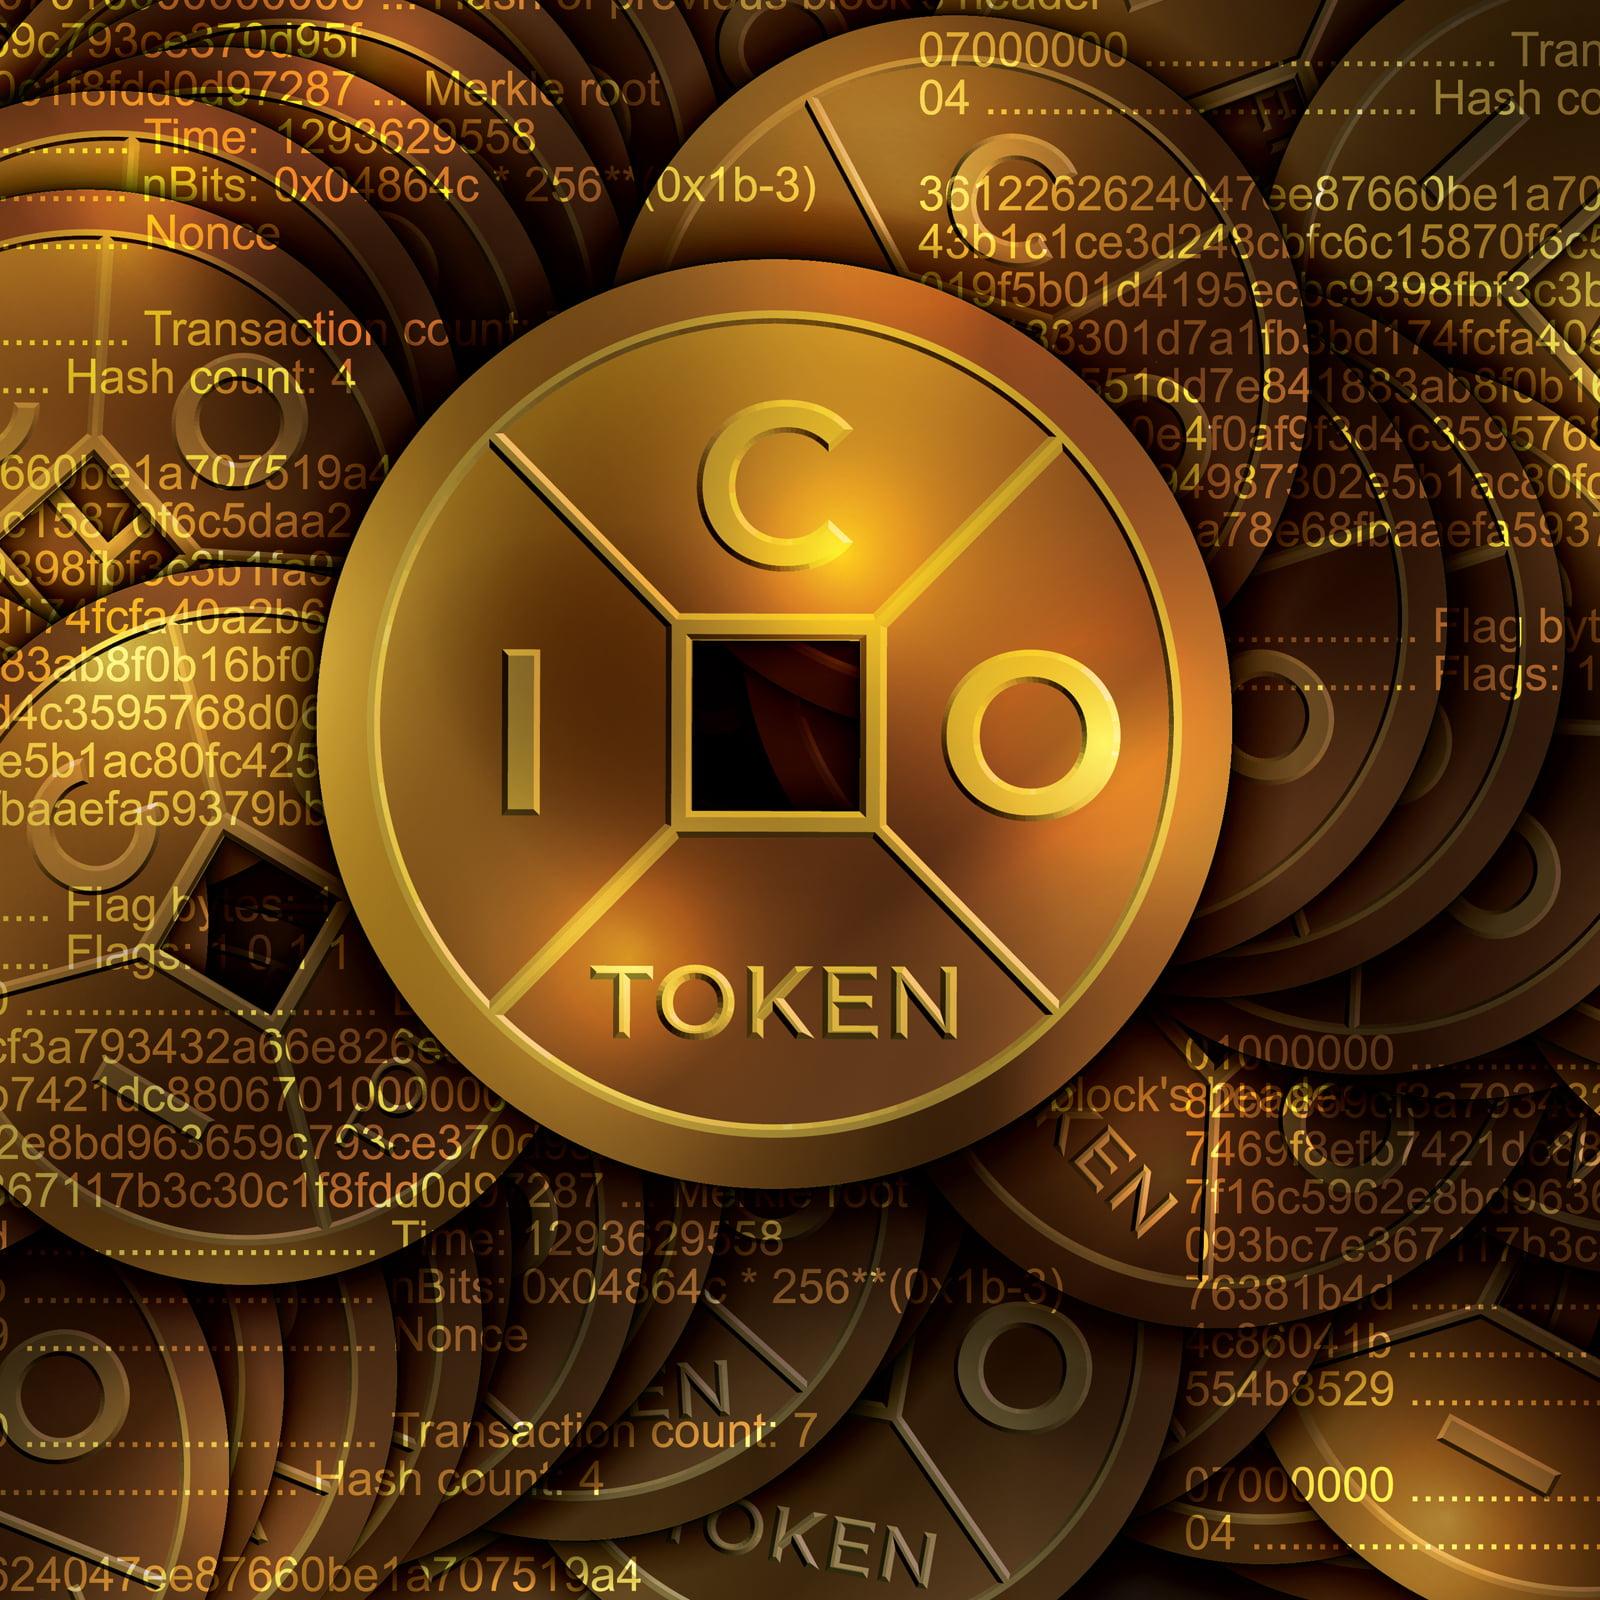 عرضه اولیه سکه یا ICO